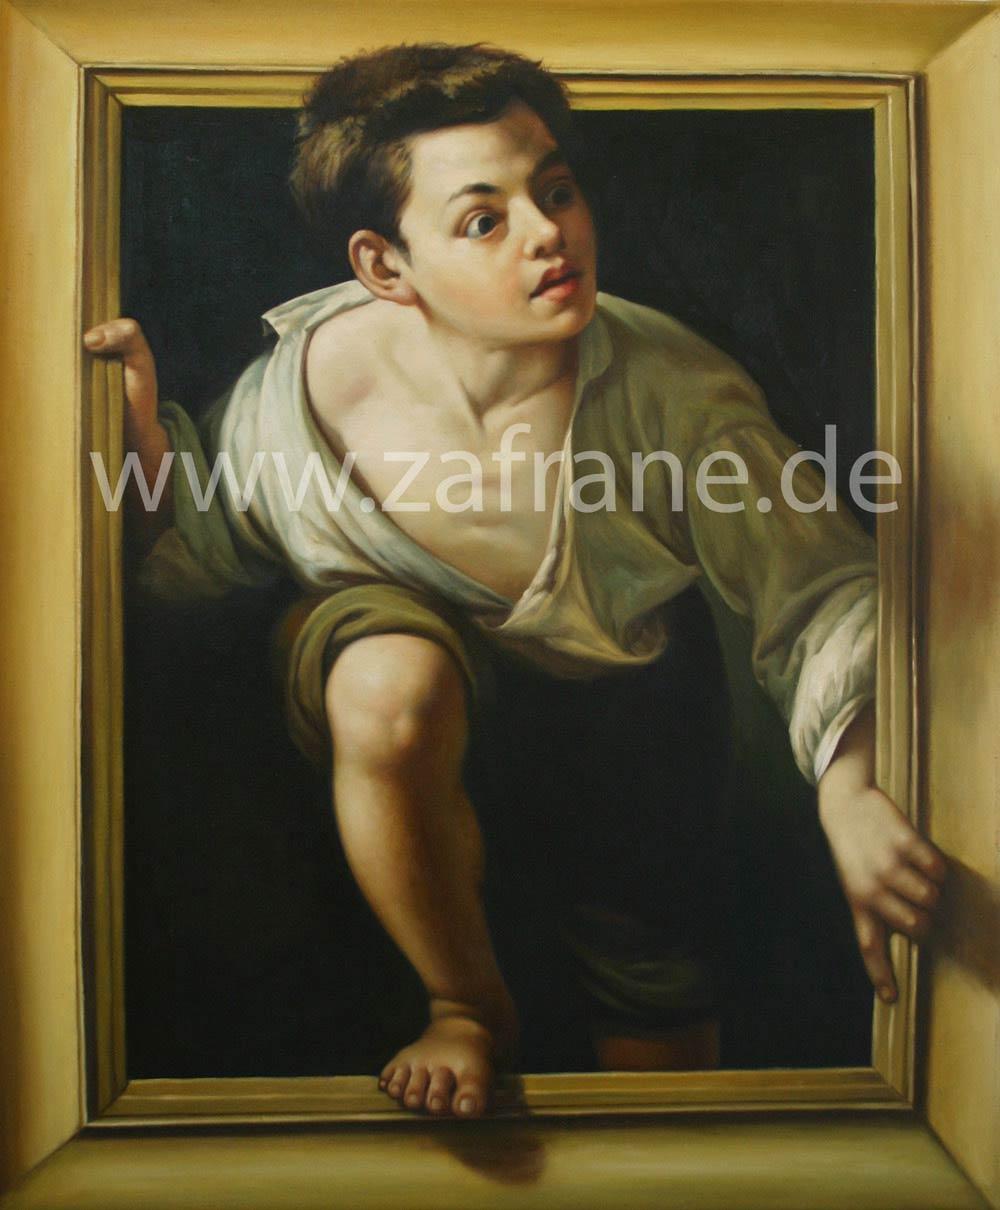 Klassische Bilder Flucht vor der Kritik